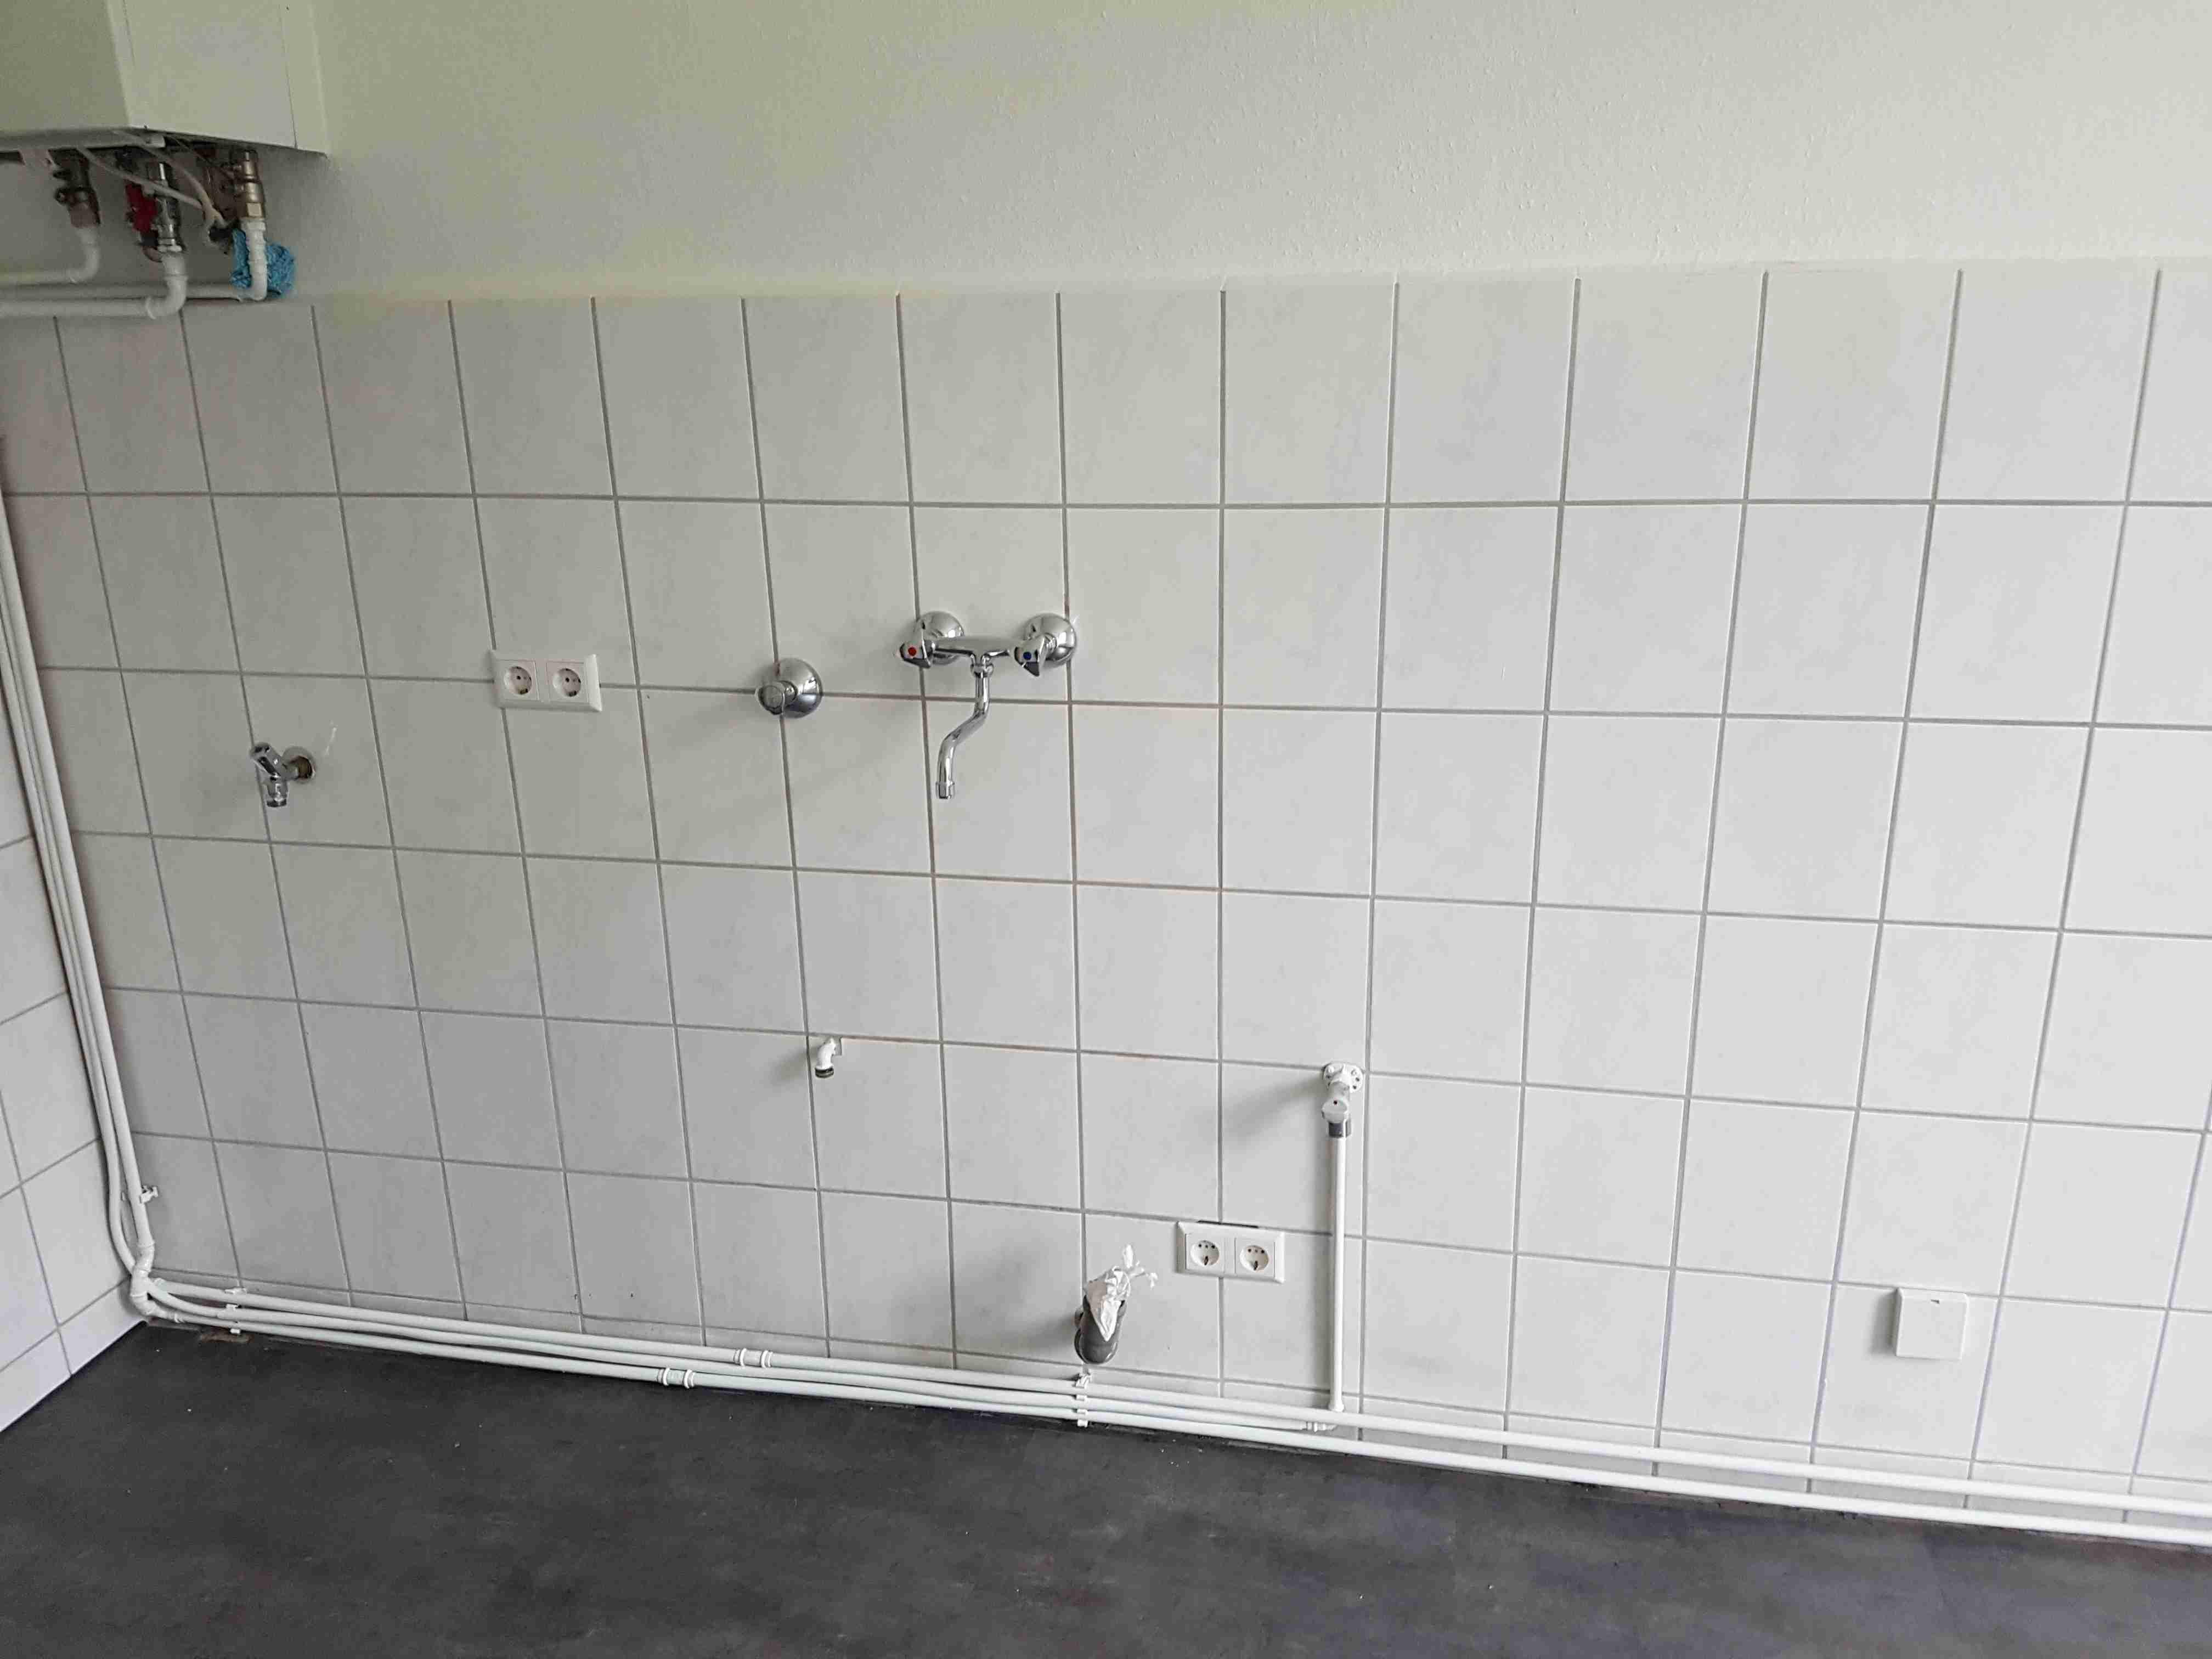 k chenanschl sse was ist was wie k nnen die ger te angeschlossen werden k che. Black Bedroom Furniture Sets. Home Design Ideas